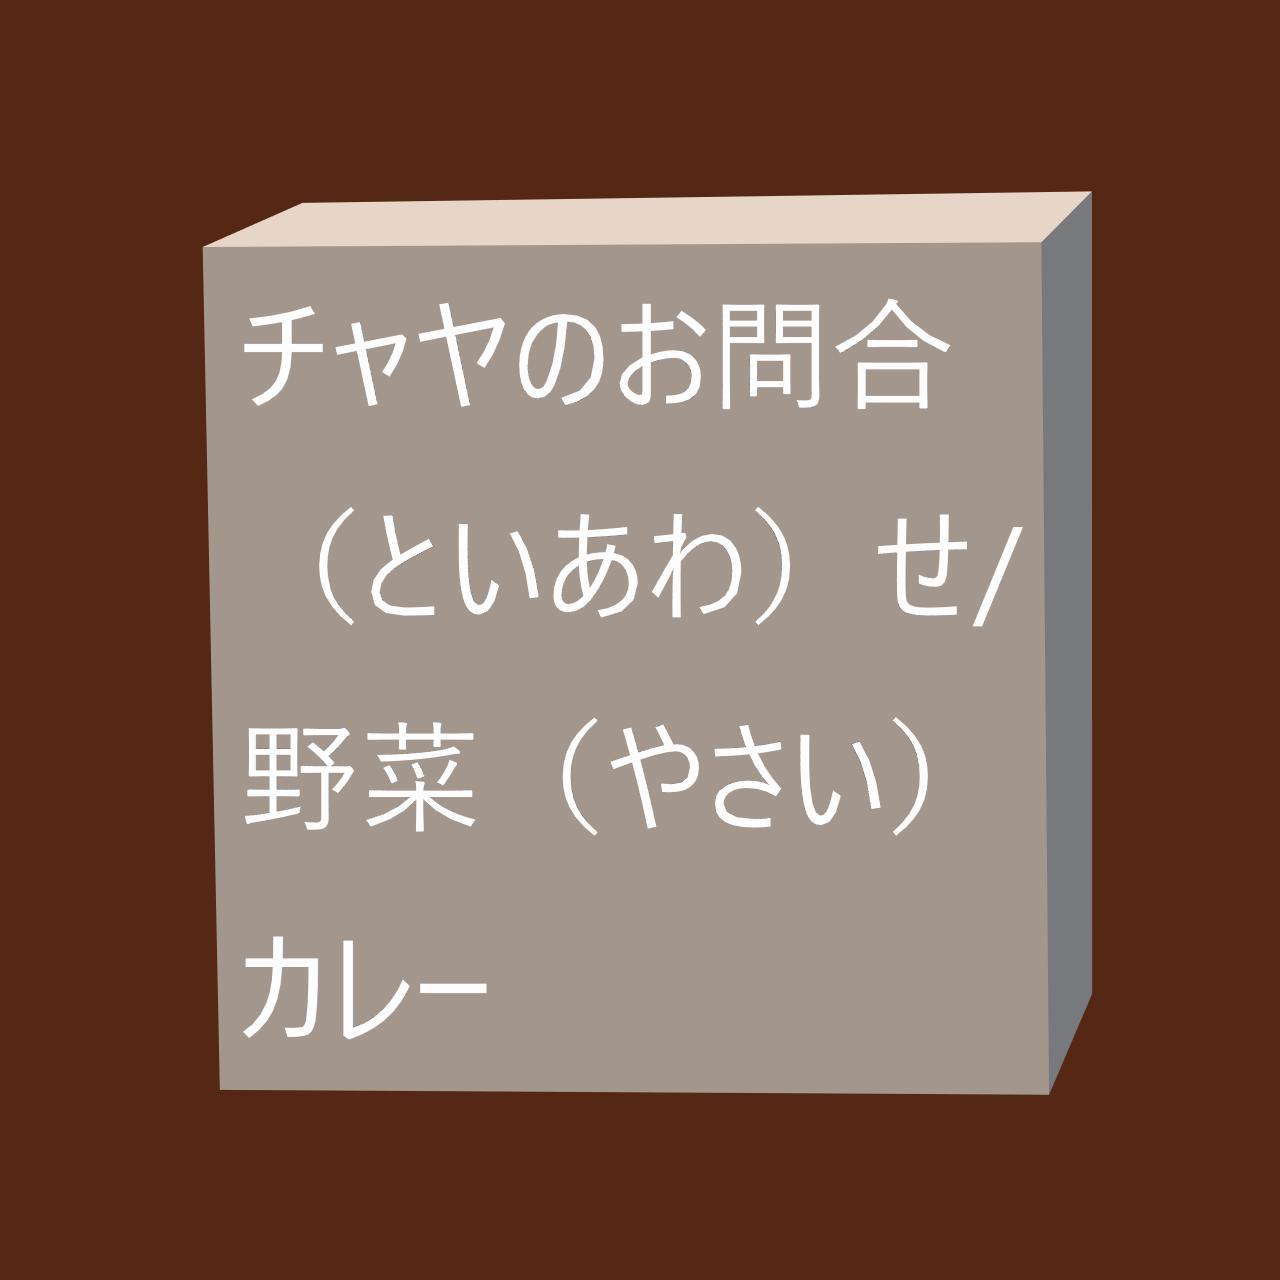 チャヤのお問合(といあわ)せや野菜(やさい)カレー、箱(はこ)の背面(はいめん)やチャヤマクロビ 日比谷(ひびや)とは?にかかる画像(がぞう)